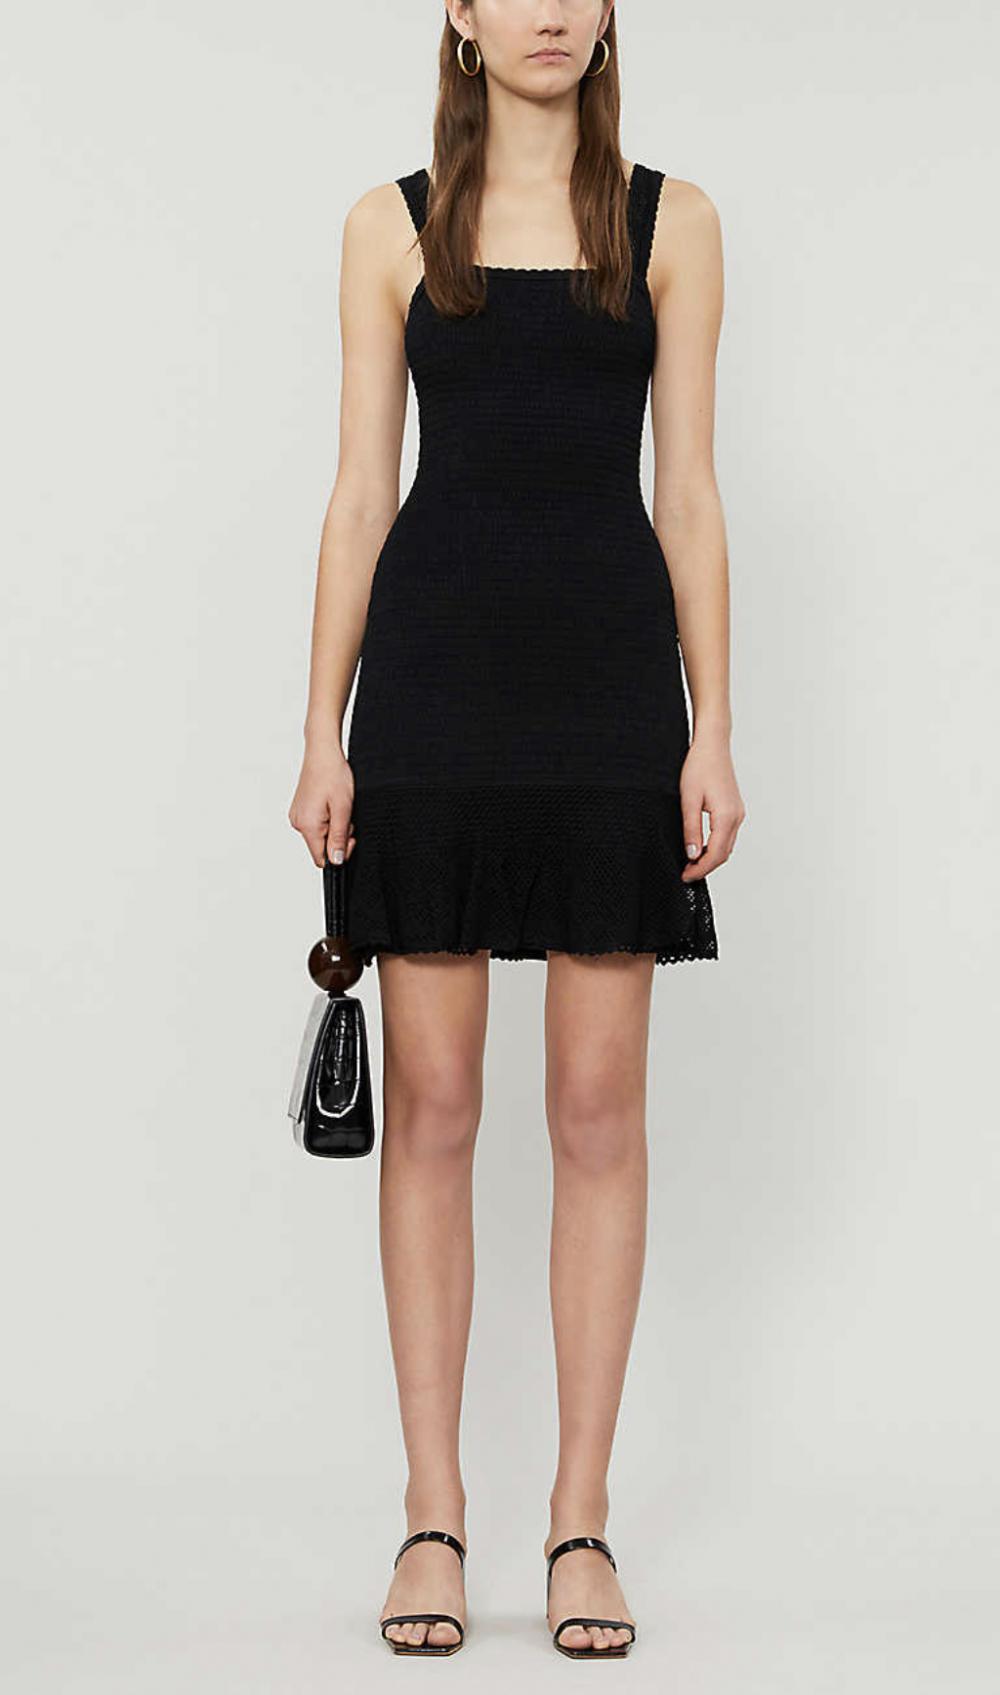 法式優雅連身裙款Selfridges減至半價10